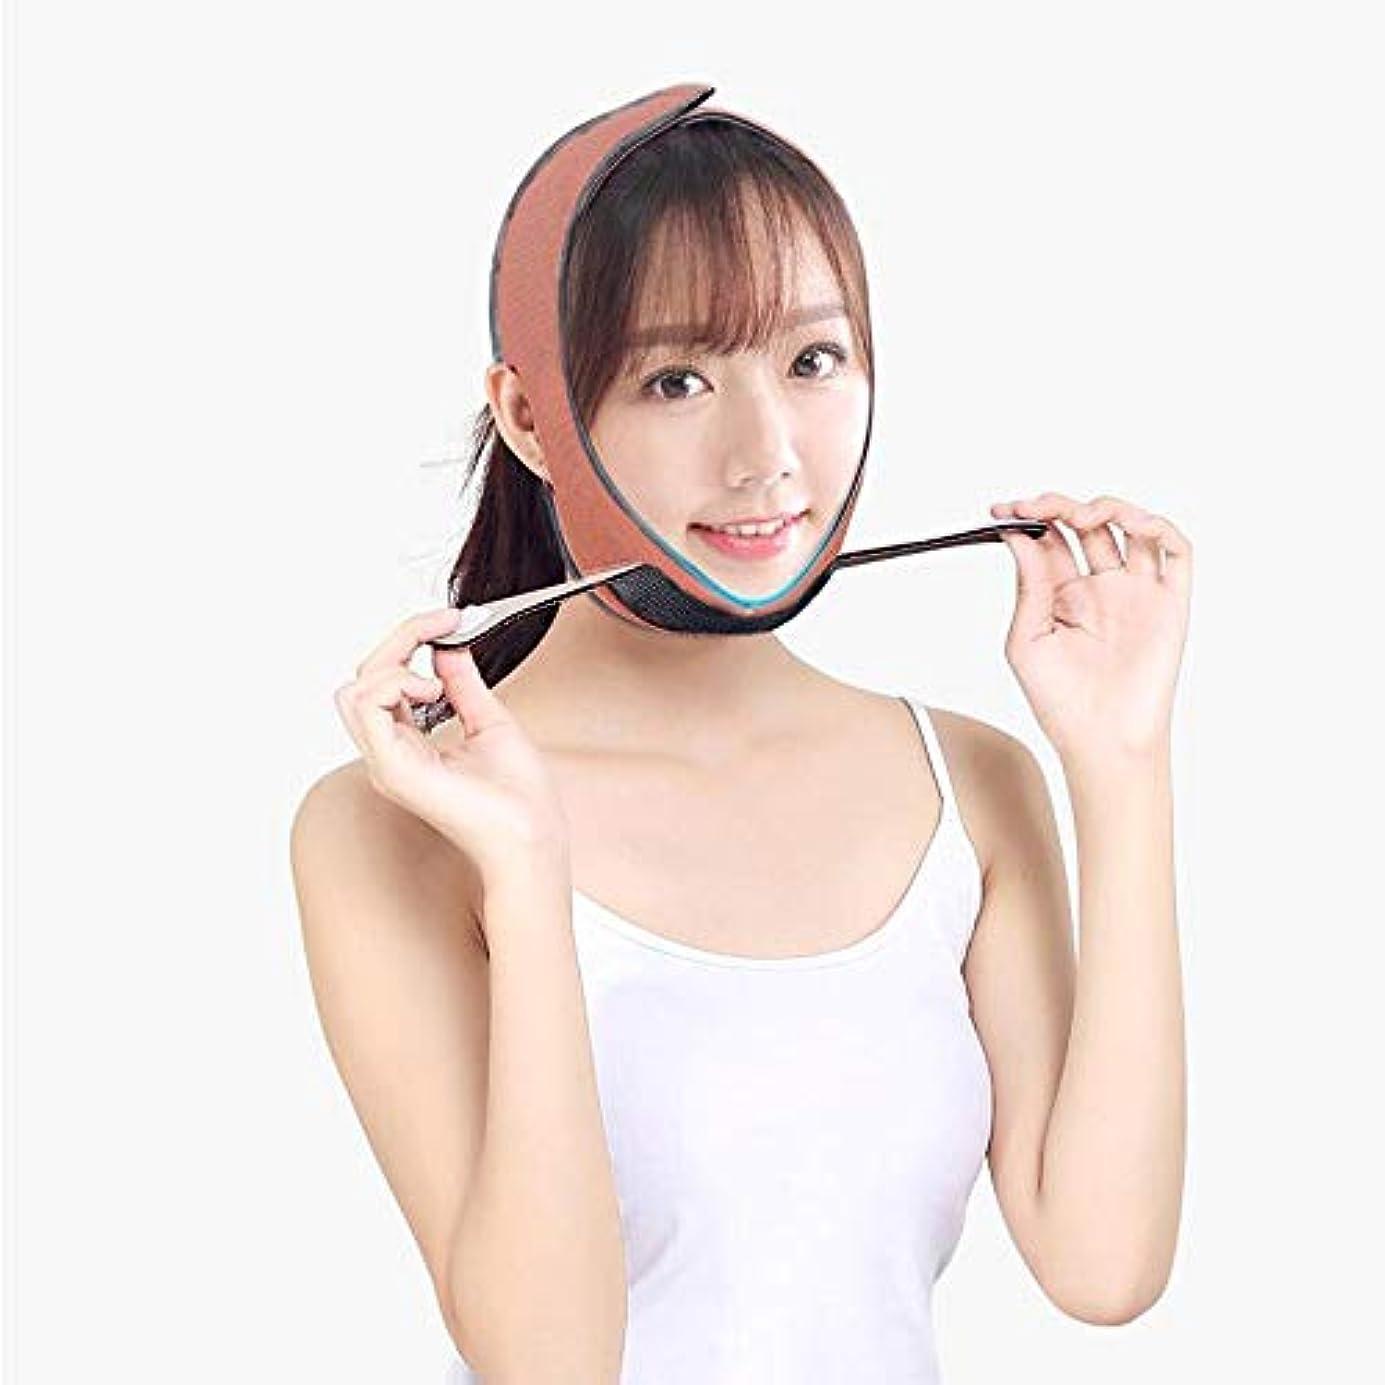 振動するペニー一般的なJia Jia- フェイシャルリフティングスリミングベルト - 薄いフェイス包帯Vフェイス包帯マスクフェイシャルマッサージャー無料整形マスク顔と首の顔を引き締めますスリム 顔面包帯